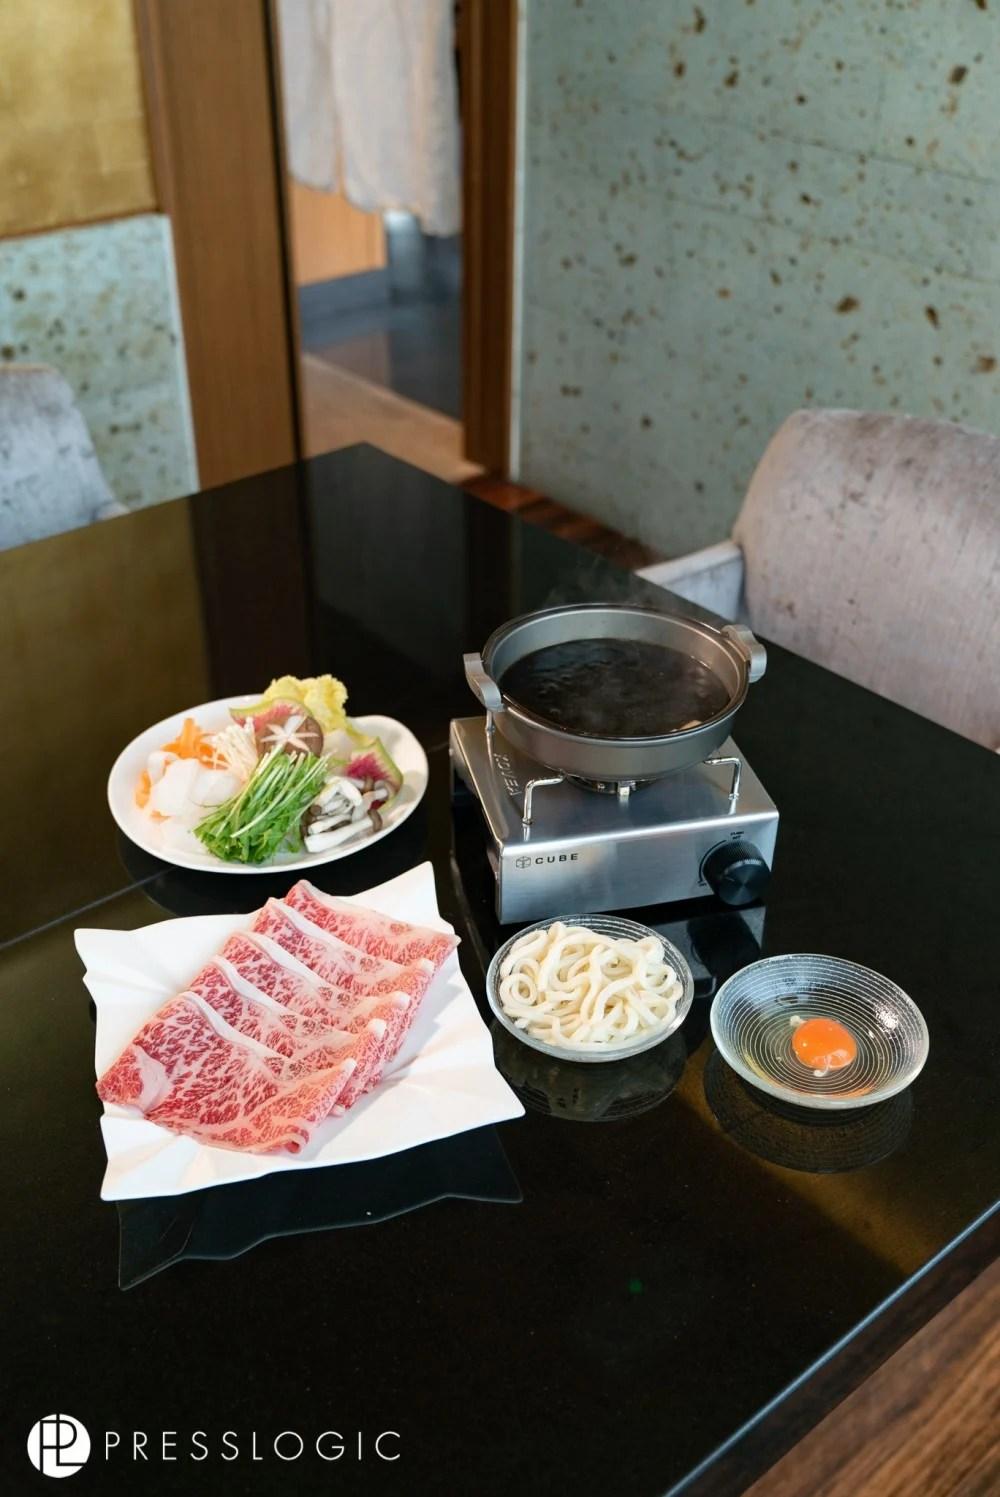 銅鑼灣A5和牛壽喜燒Shabu Shabu! 95%日本直送食材,和牛入口超滑超肥美! 華味鳥地雞超鮮味~ | HolidaySmart 假期日常